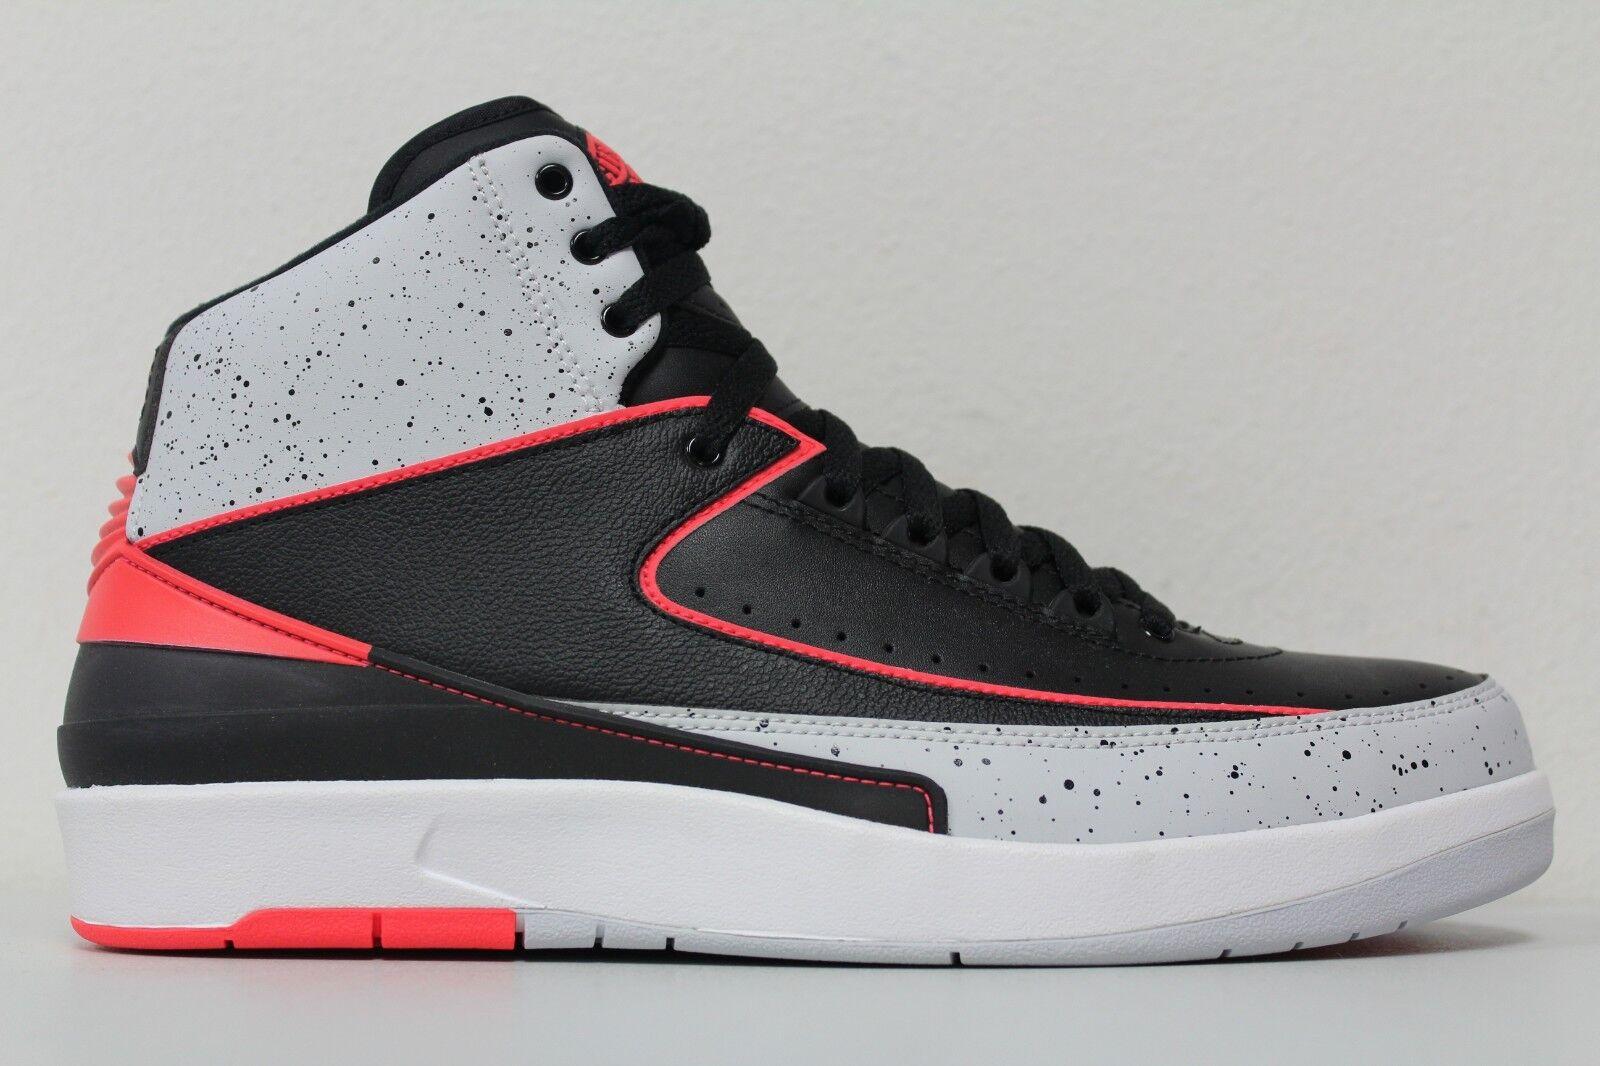 Nike air jordan 2 männer - retro - schwarz größe - weiße 385475-023 größe schwarz 9. b1d01c